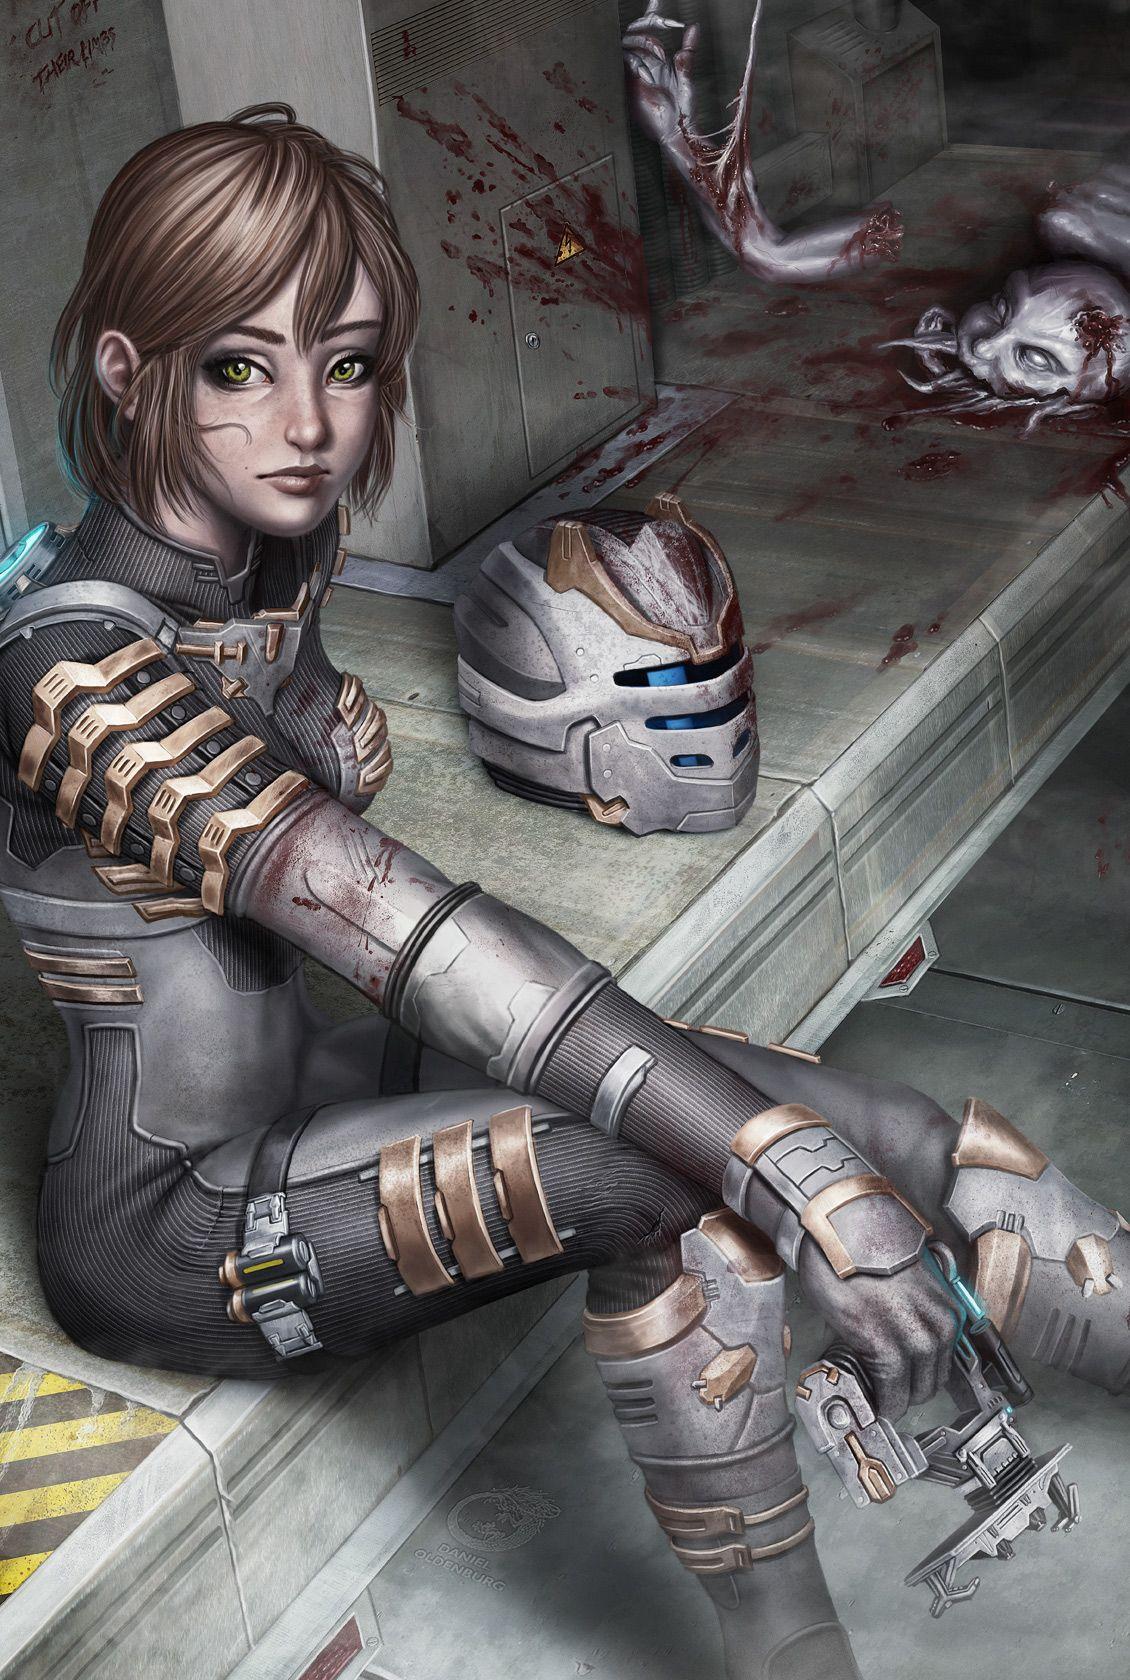 Dead Space By Daniel Oldenburg On Deviantart Dead Space Video Game Fan Art Cyberpunk